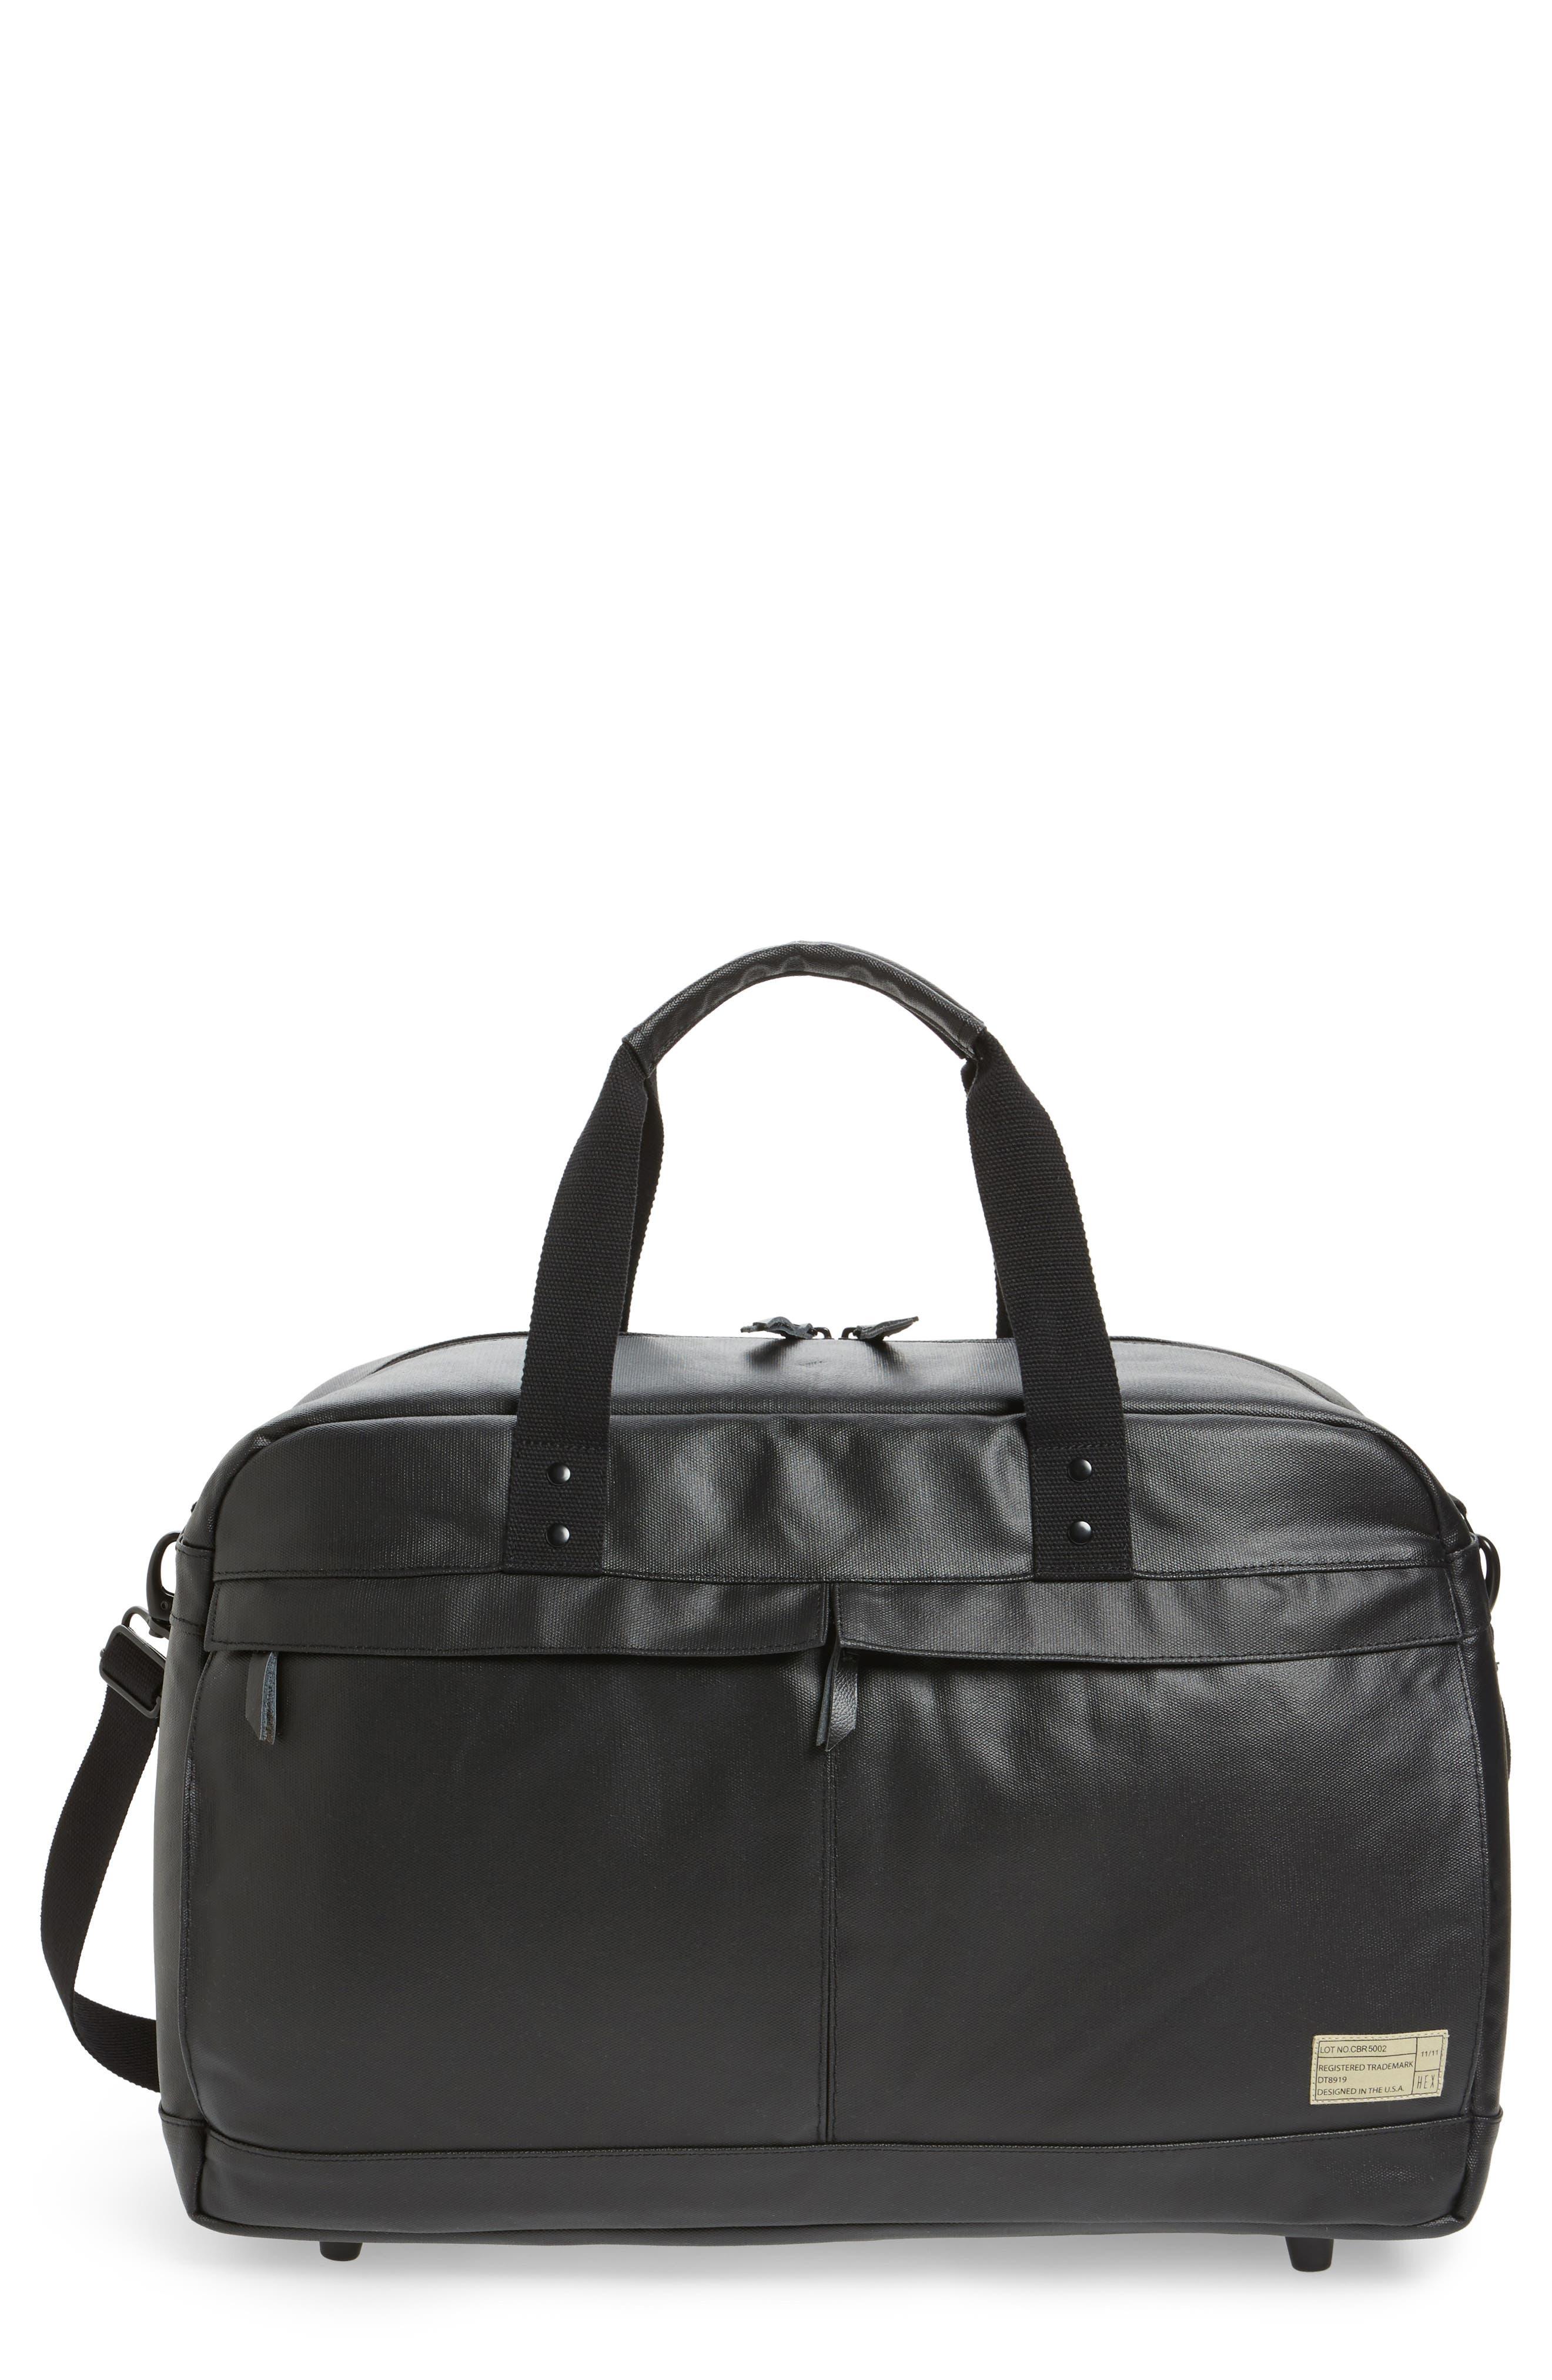 Calibre Duffel Bag,                         Main,                         color, 001